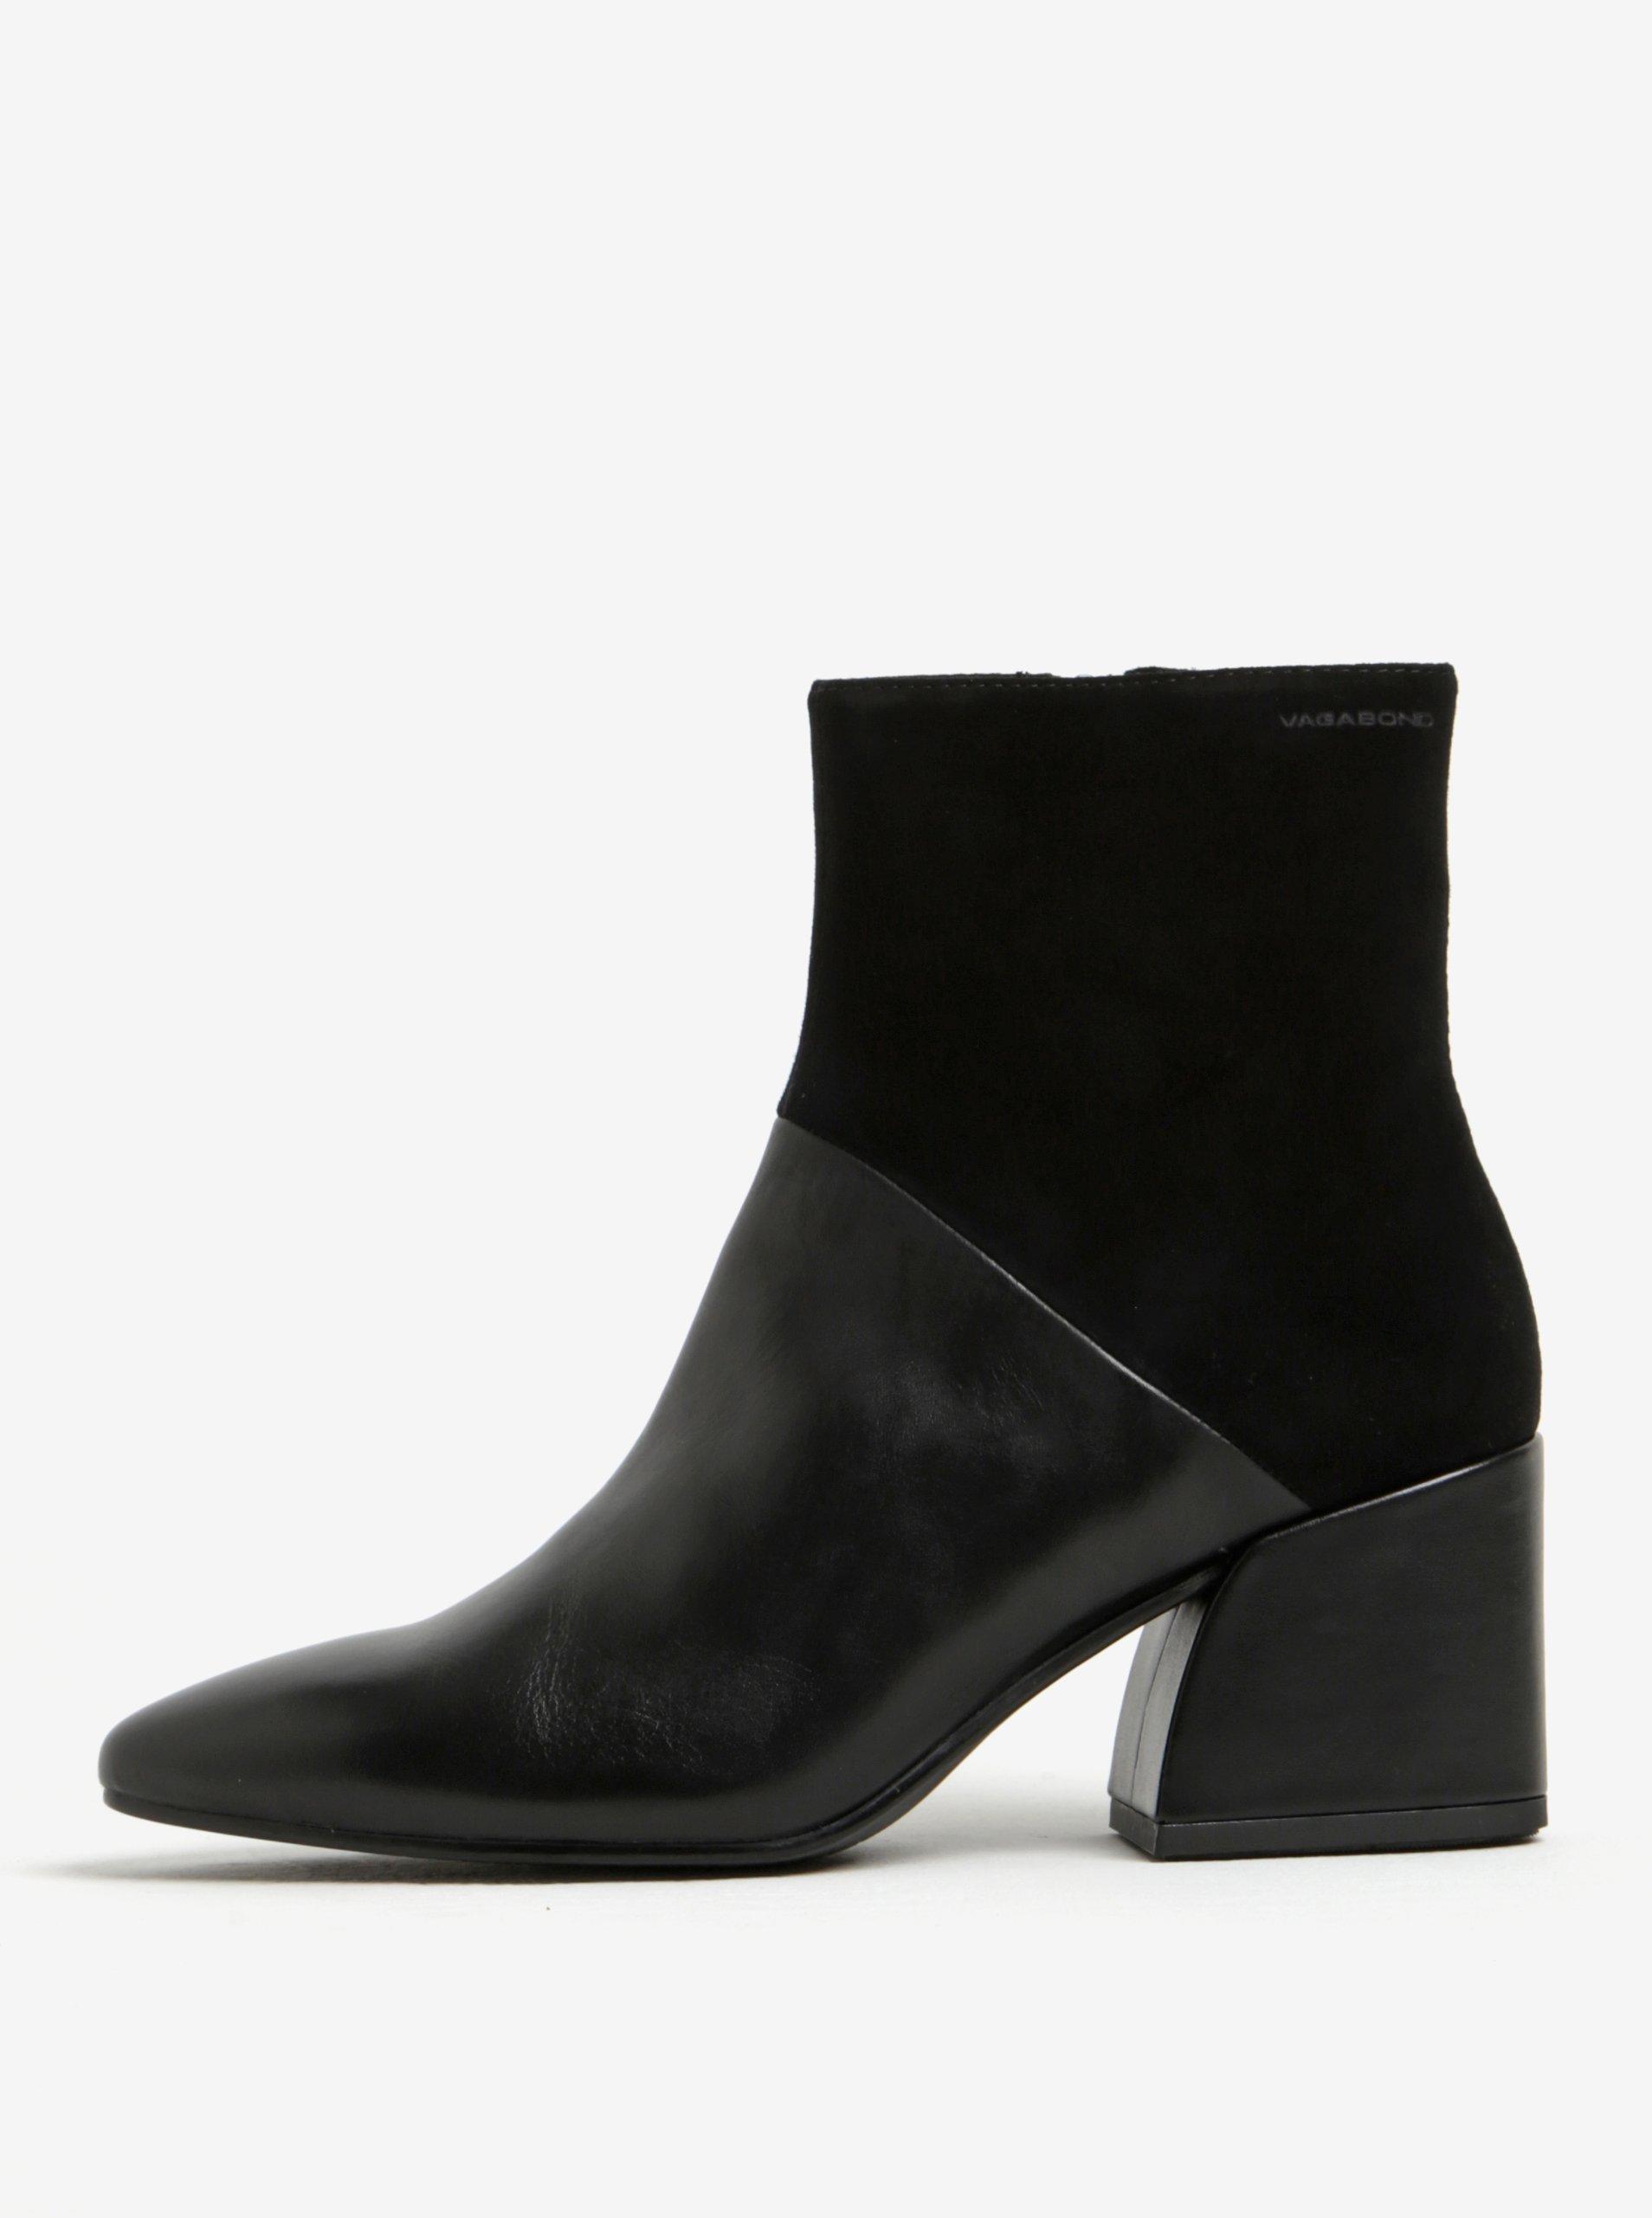 Černé dámské kožené kotníkové boty Vagabond Olivia